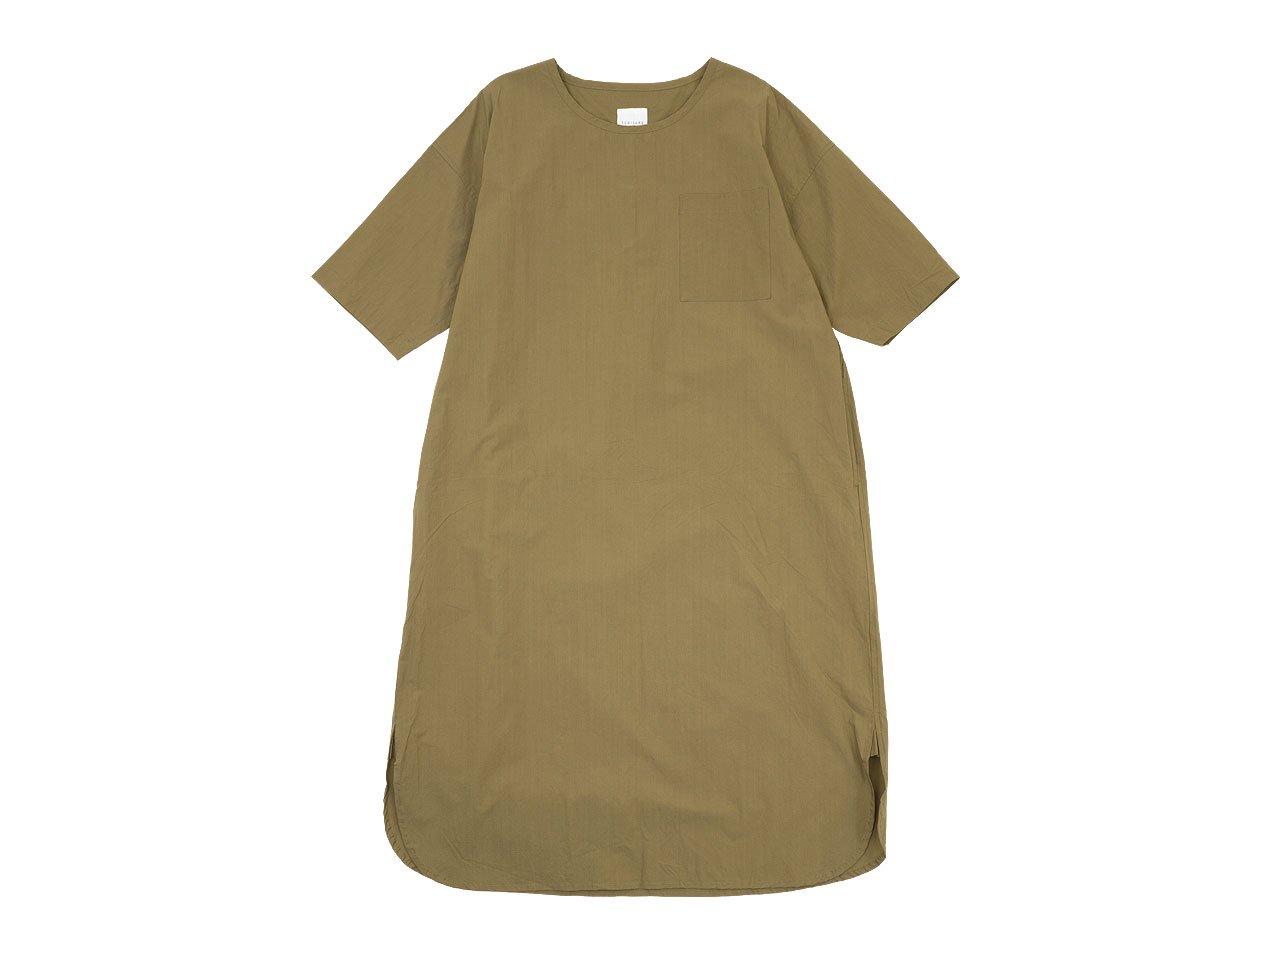 TOUJOURS Crew Neck Boy's Shirt Dress TOBACCO【SM32BD02】